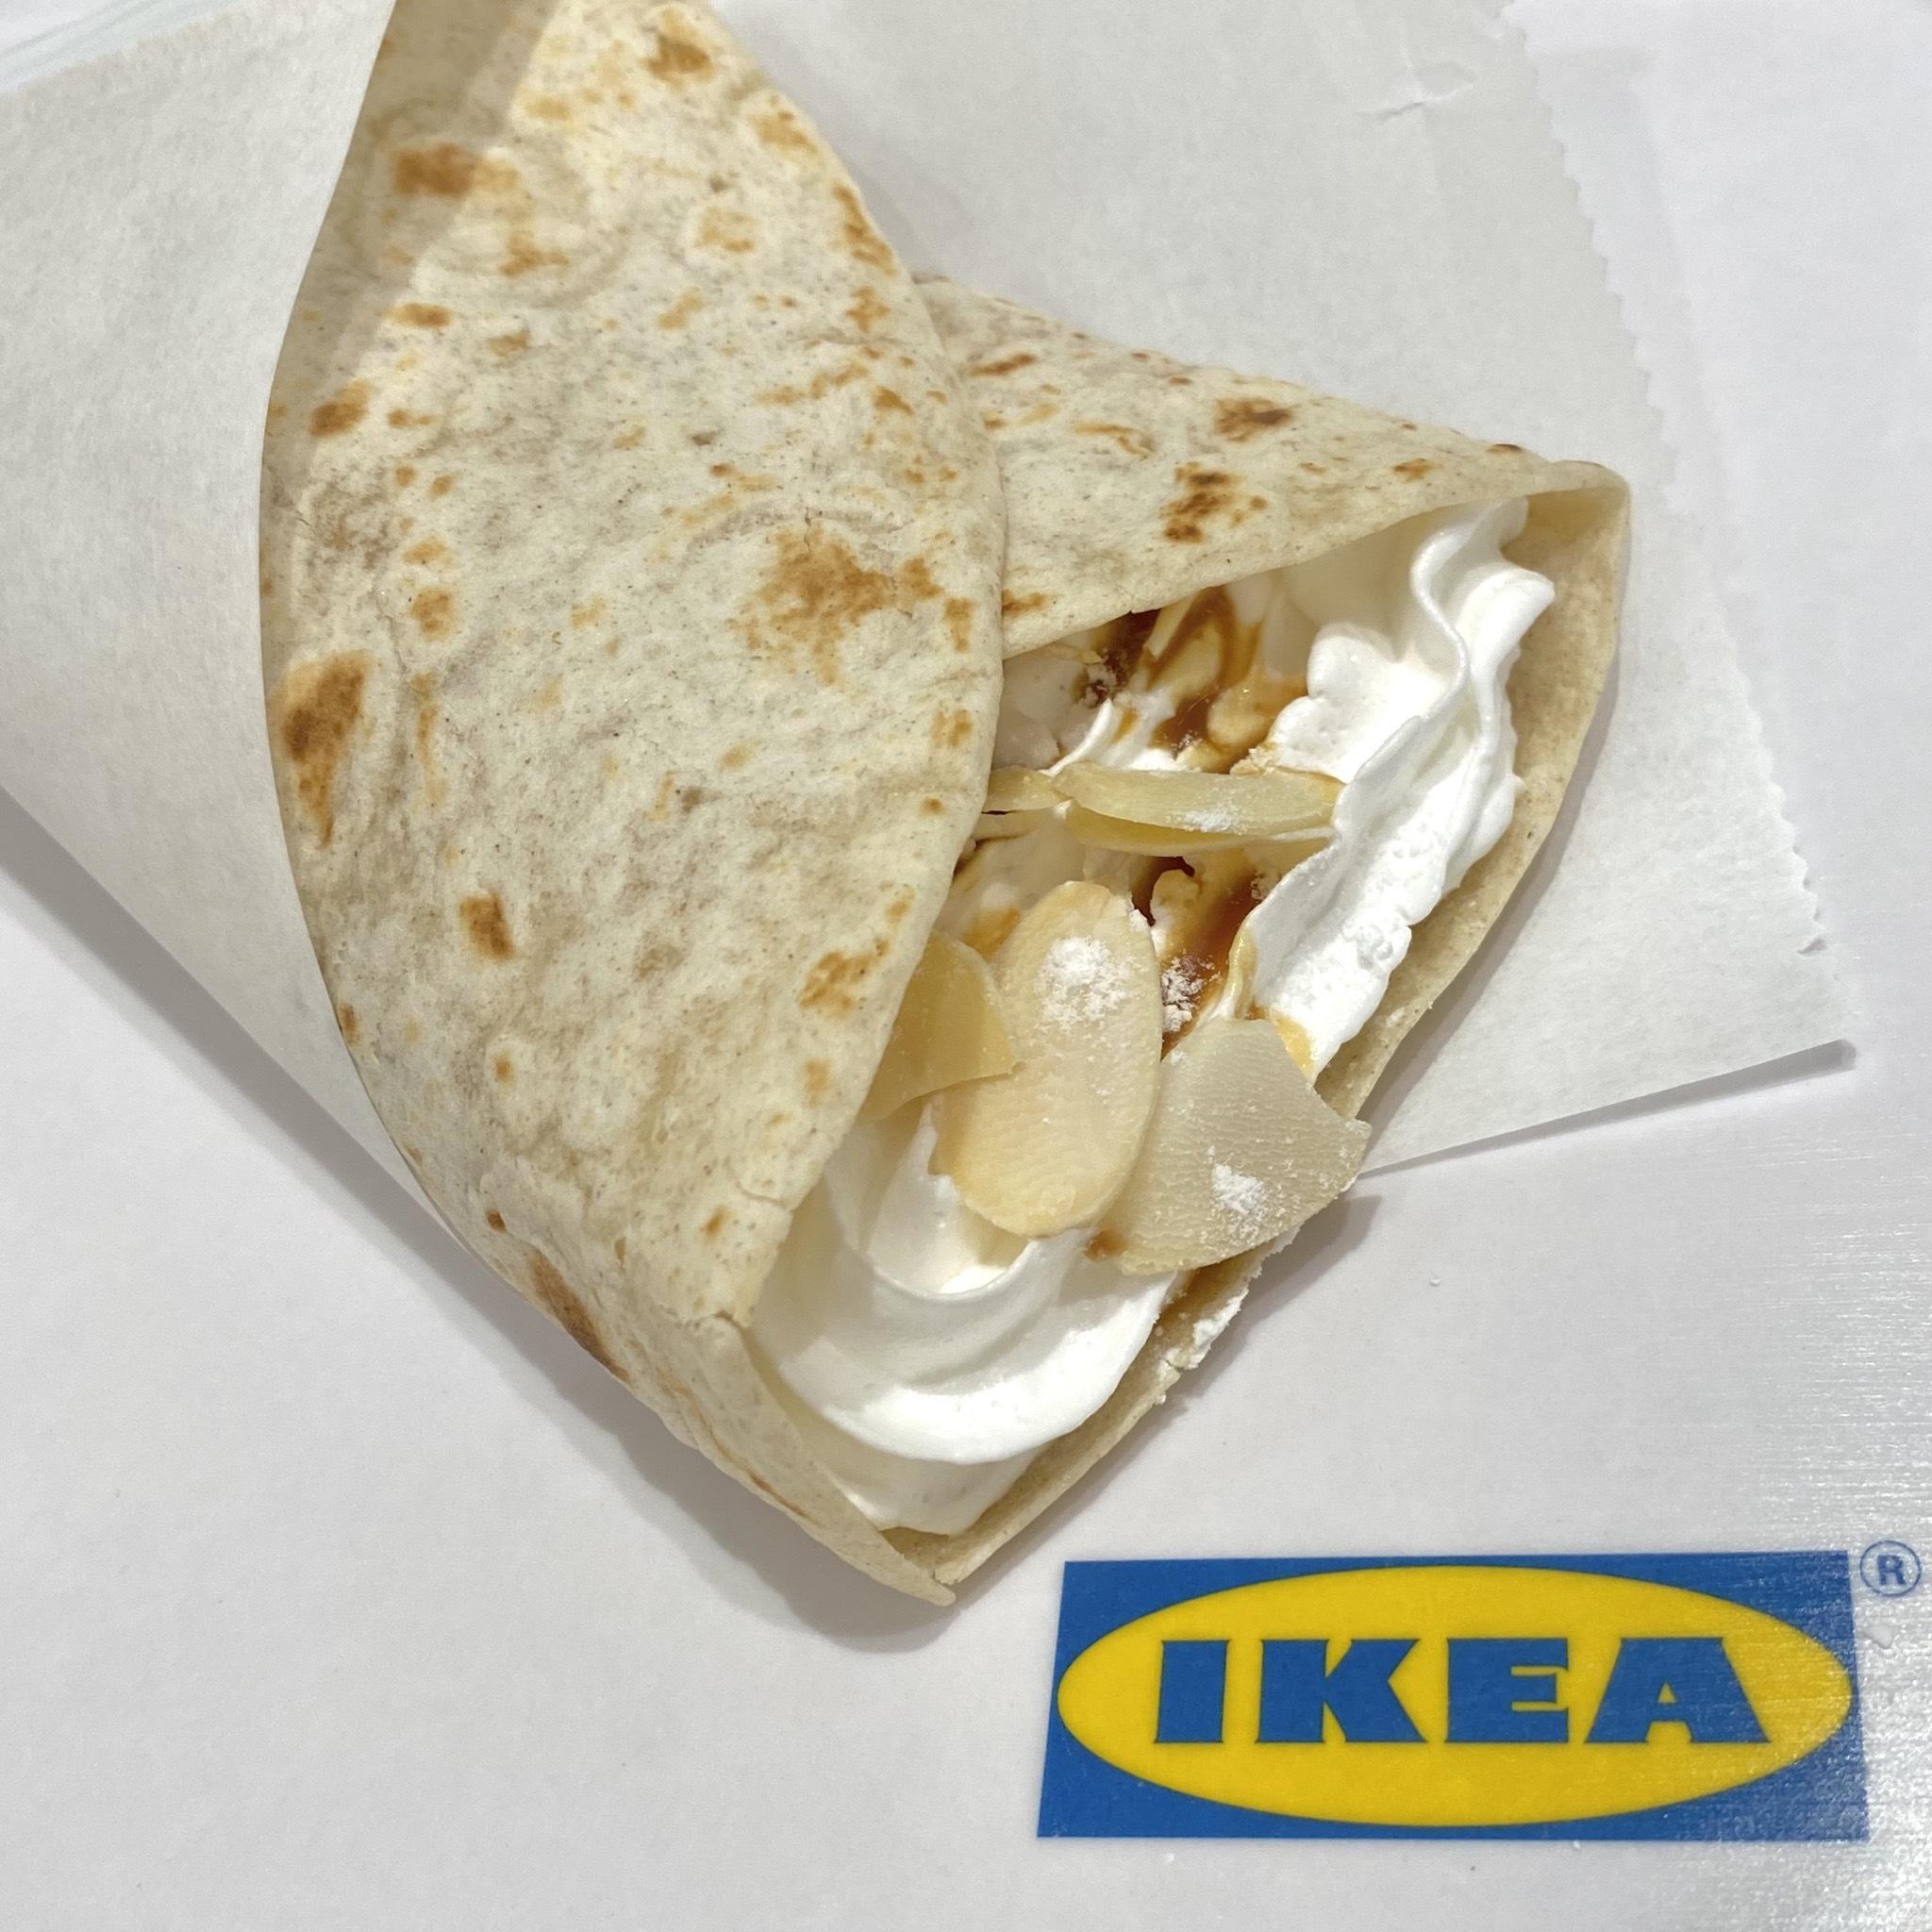 IKEA 原宿_1_2